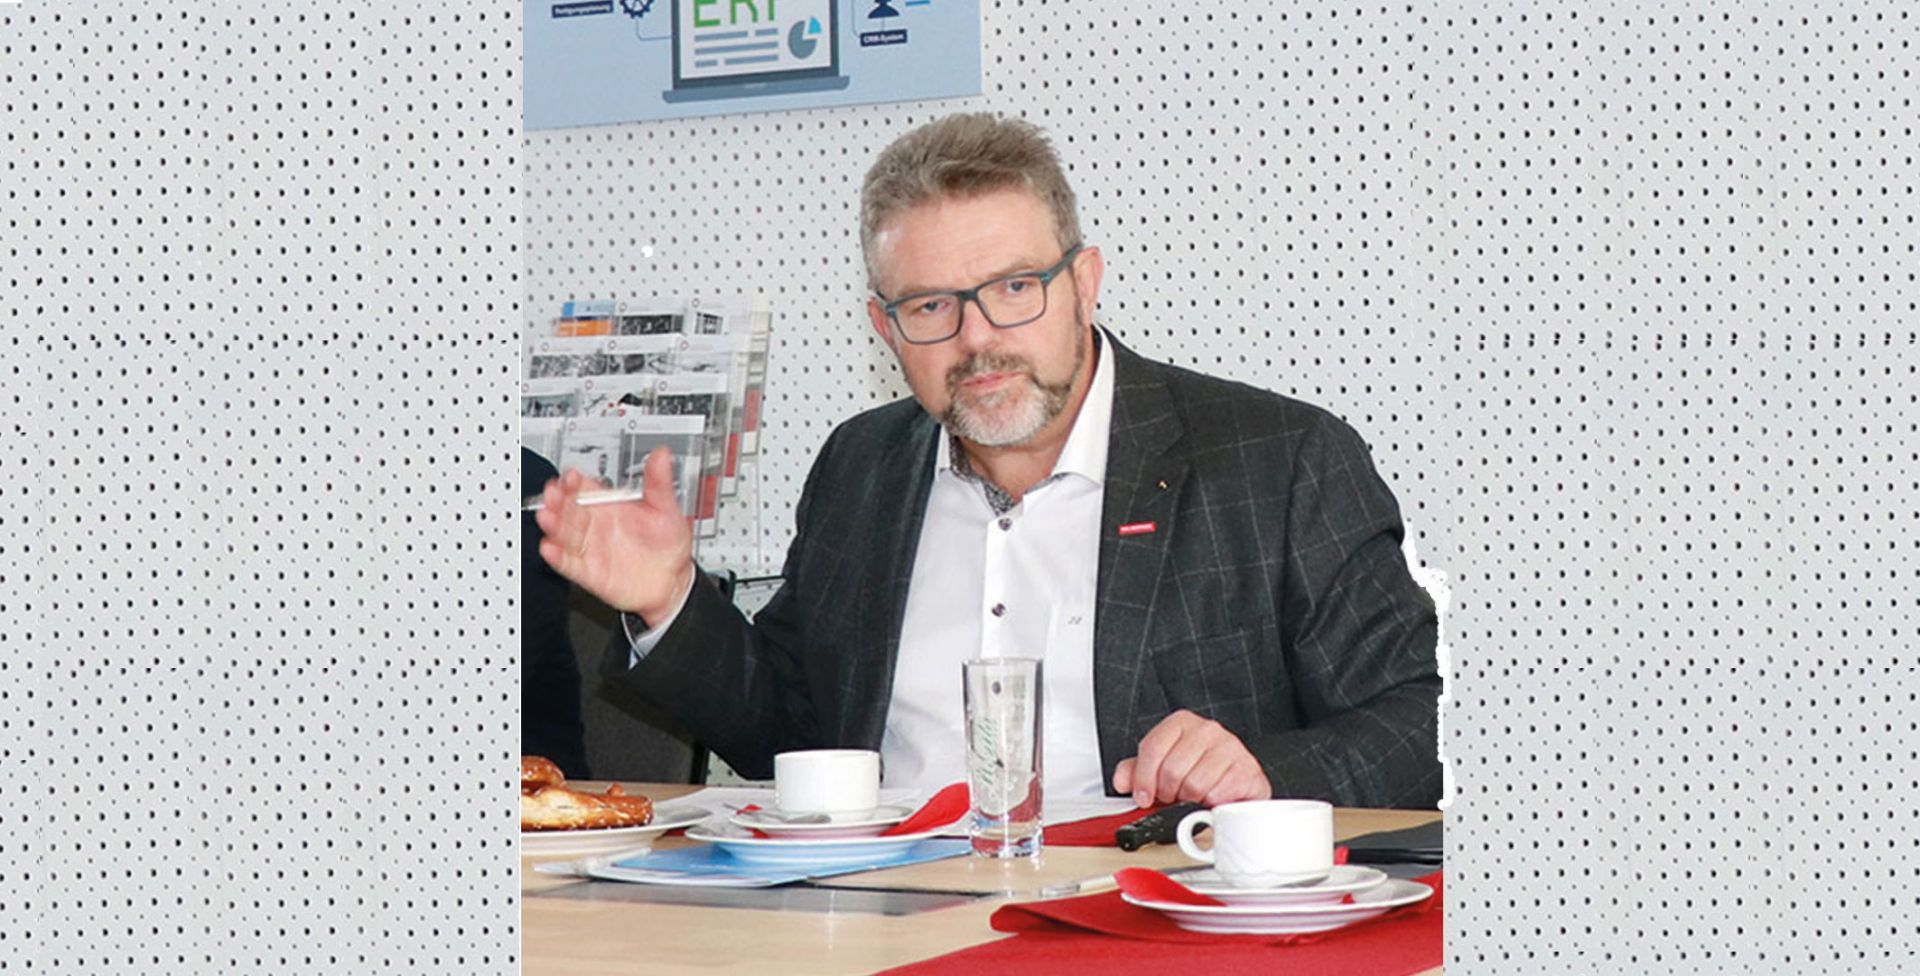 Nachrichten Bayreuth: Nach Skandal ohne Führungsspitze